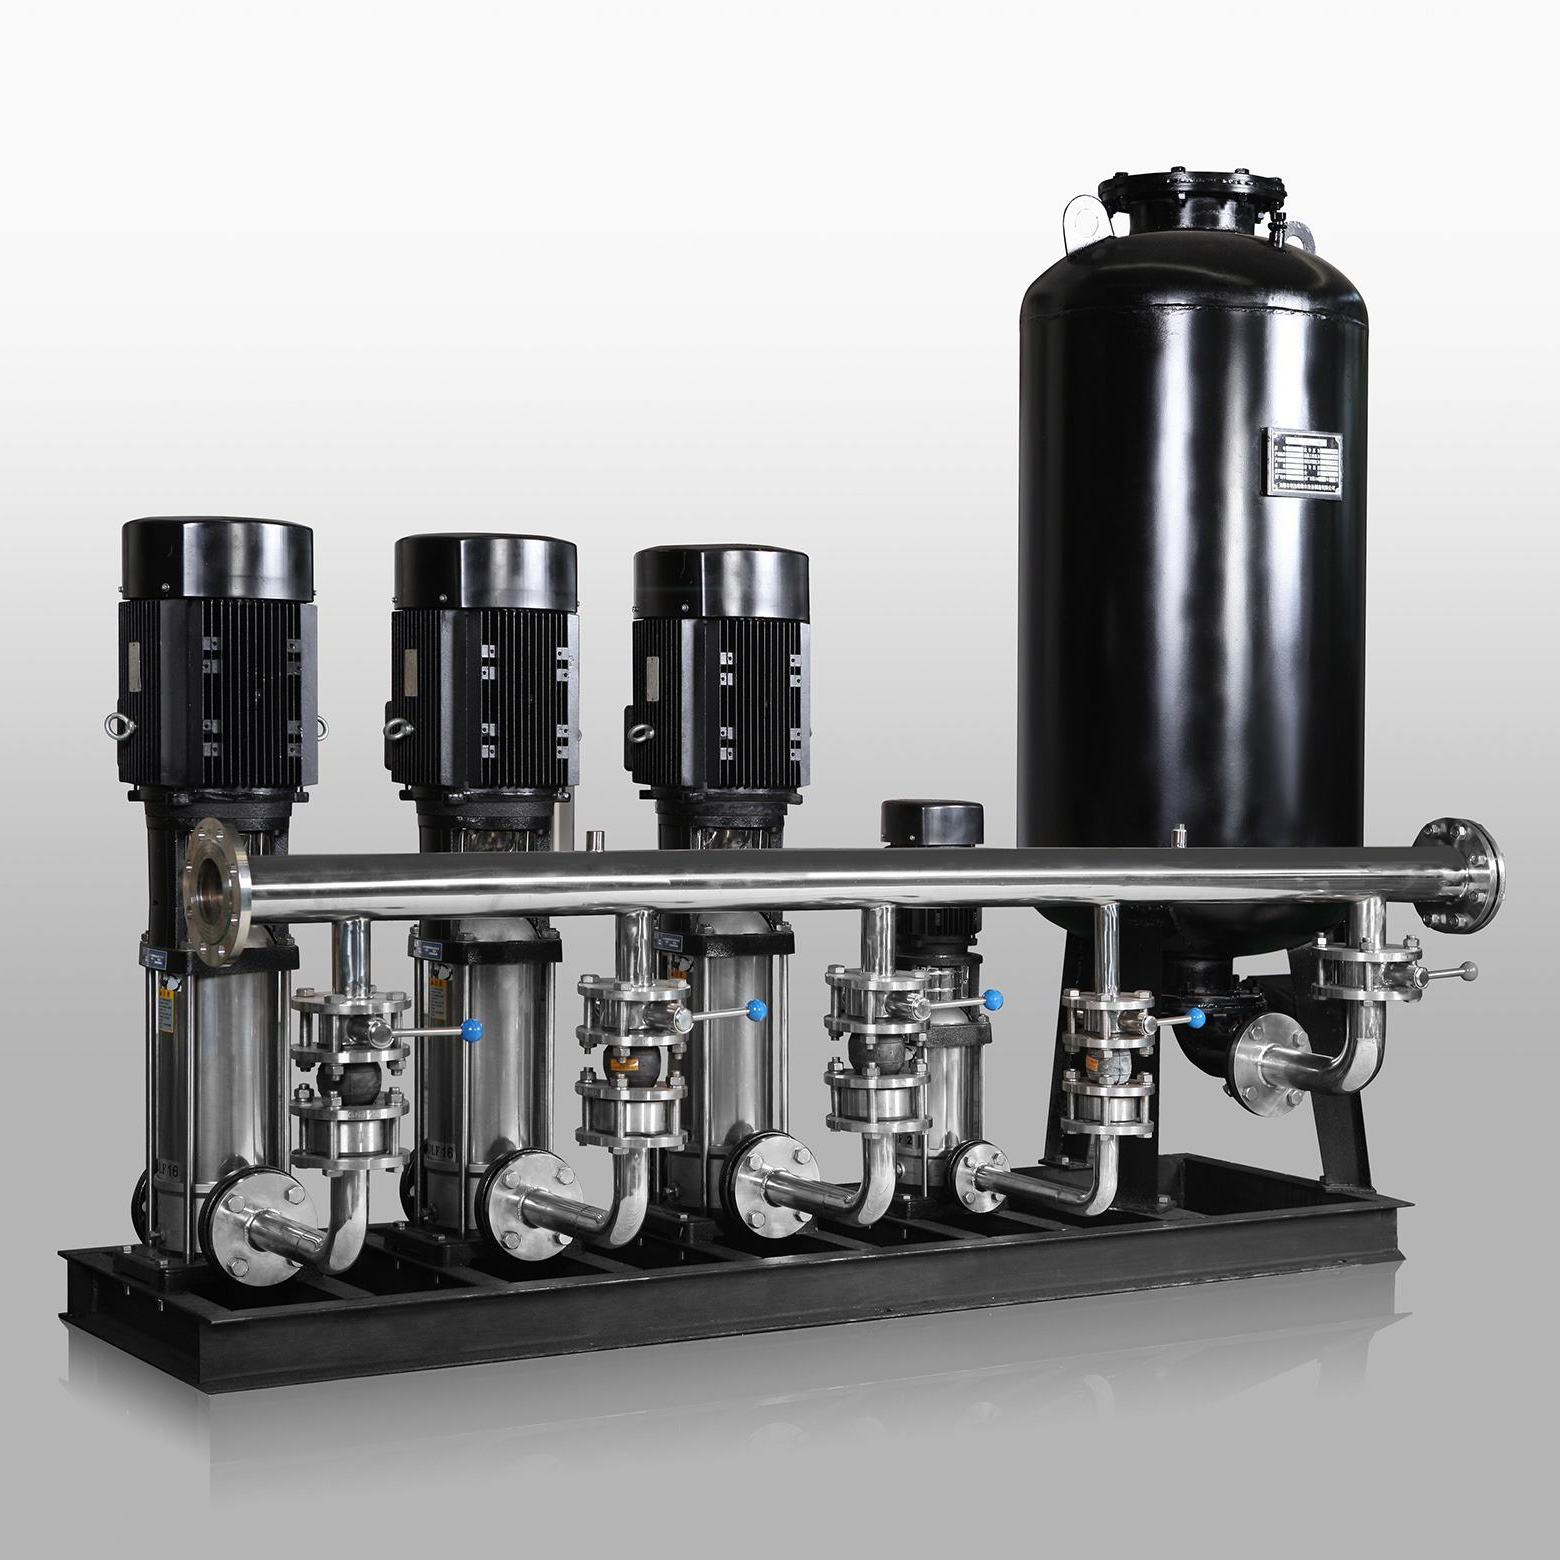 恒压变频供水设备厂家